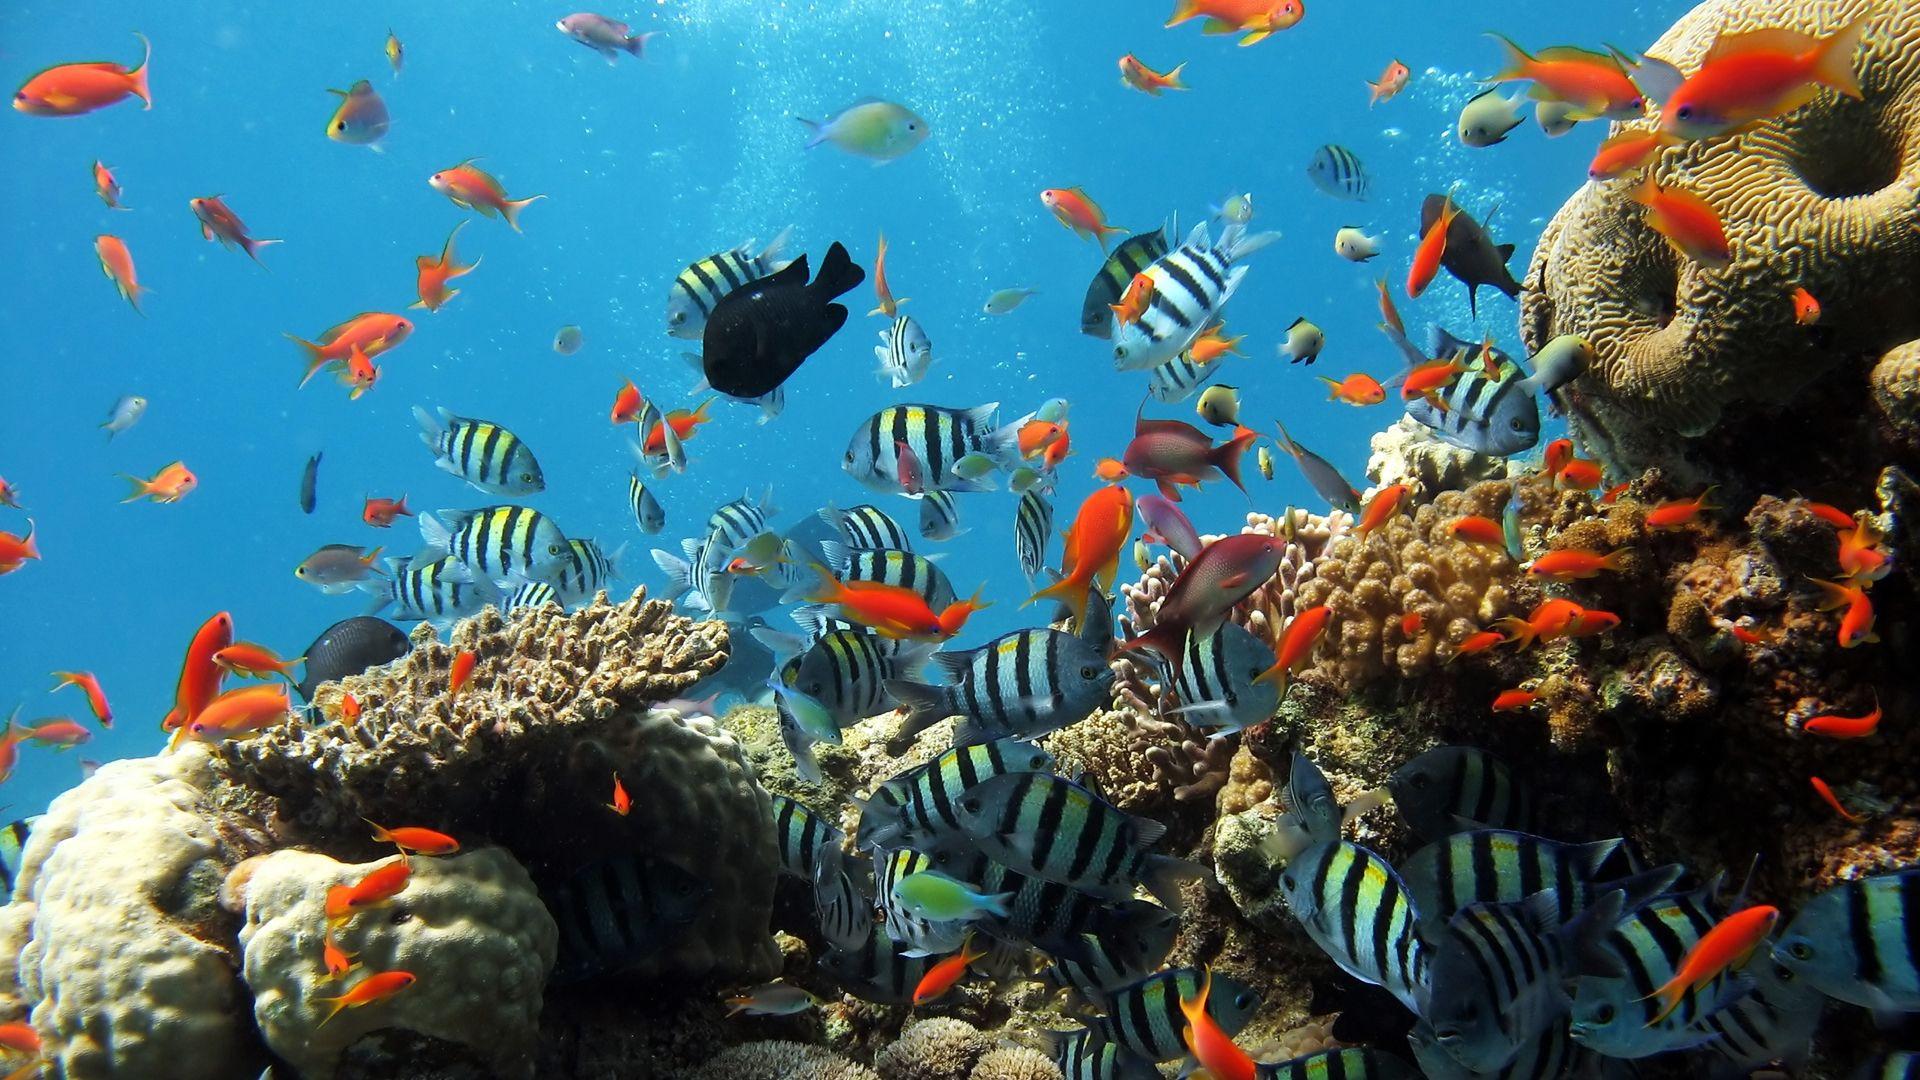 hd underwater widescreen desktop wallpapers underwater full hd wallpapers underwater pictures underwater